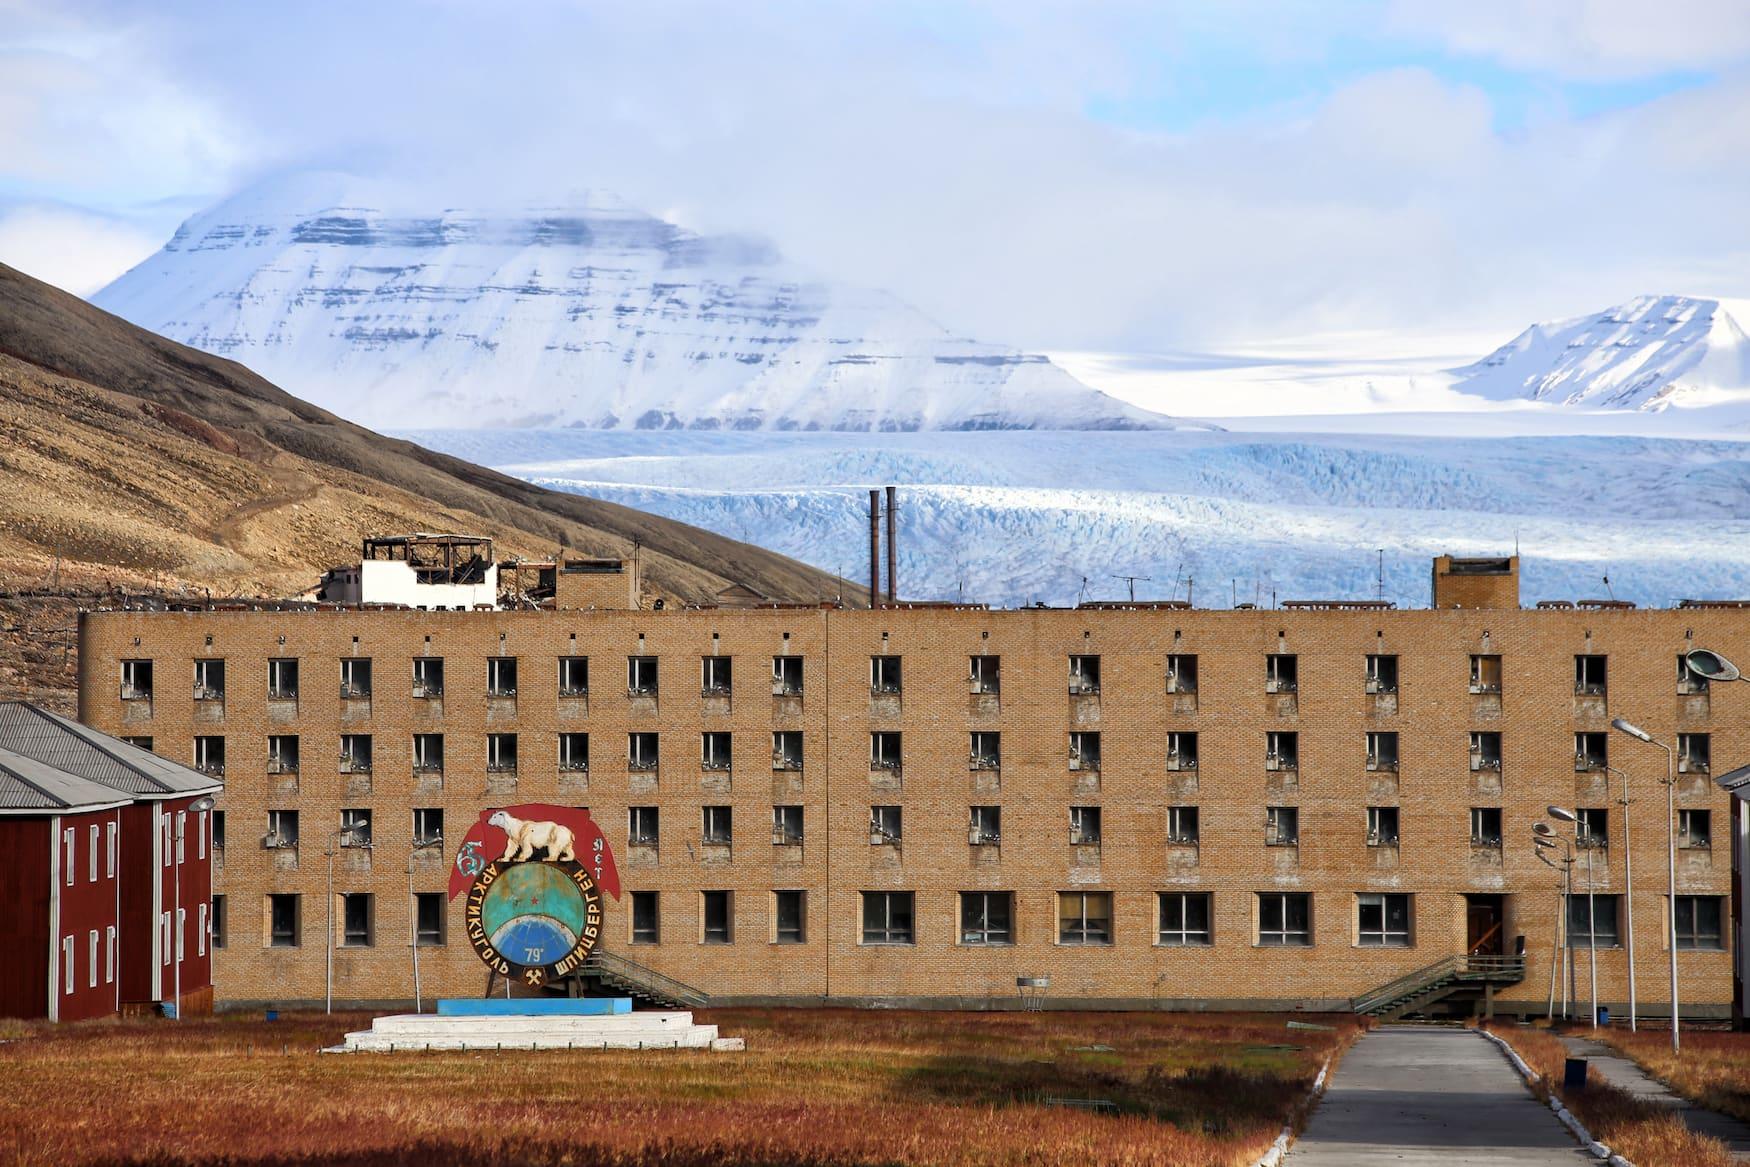 Verlassene Sowjet-Stadt Pyramiden in Norwegen